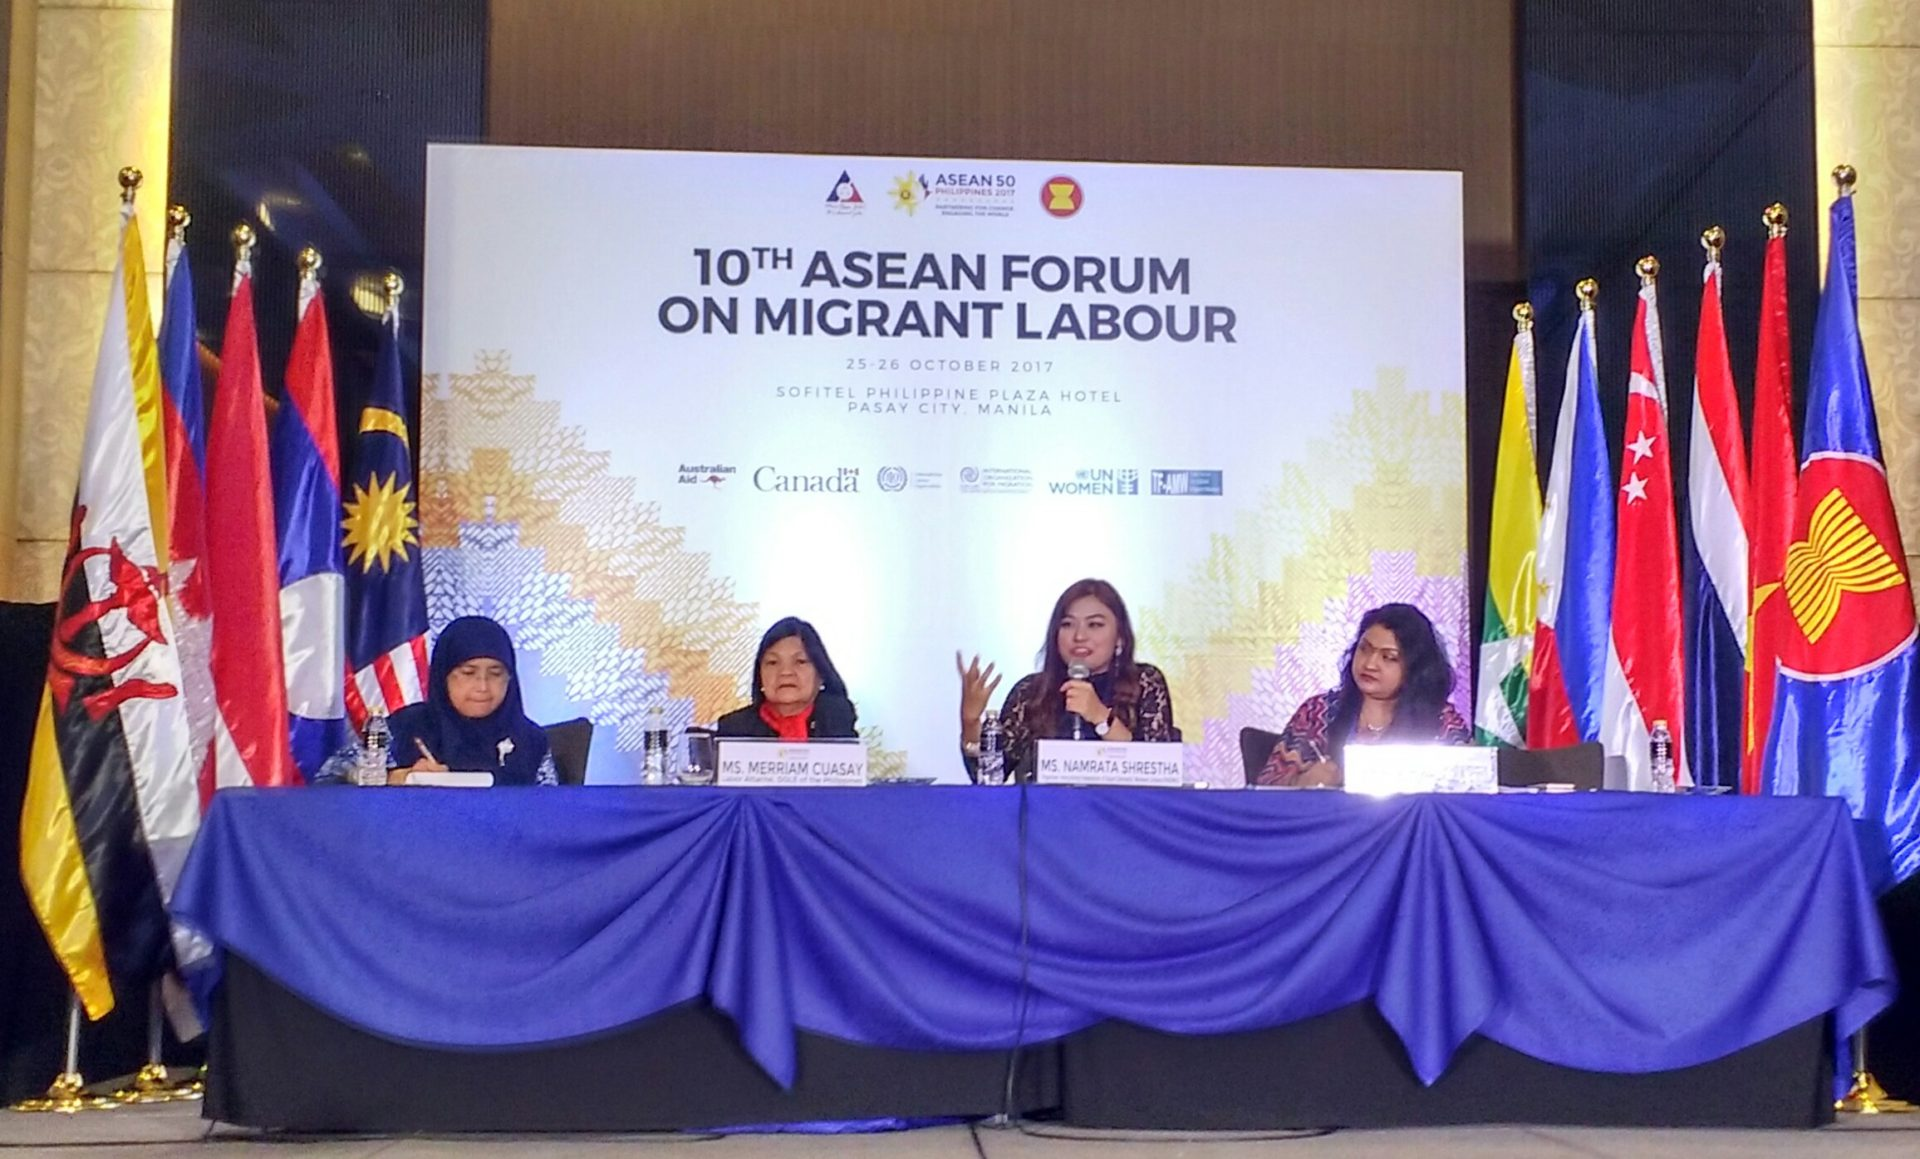 出稼ぎ労働者に関する第10回ASEAN会議